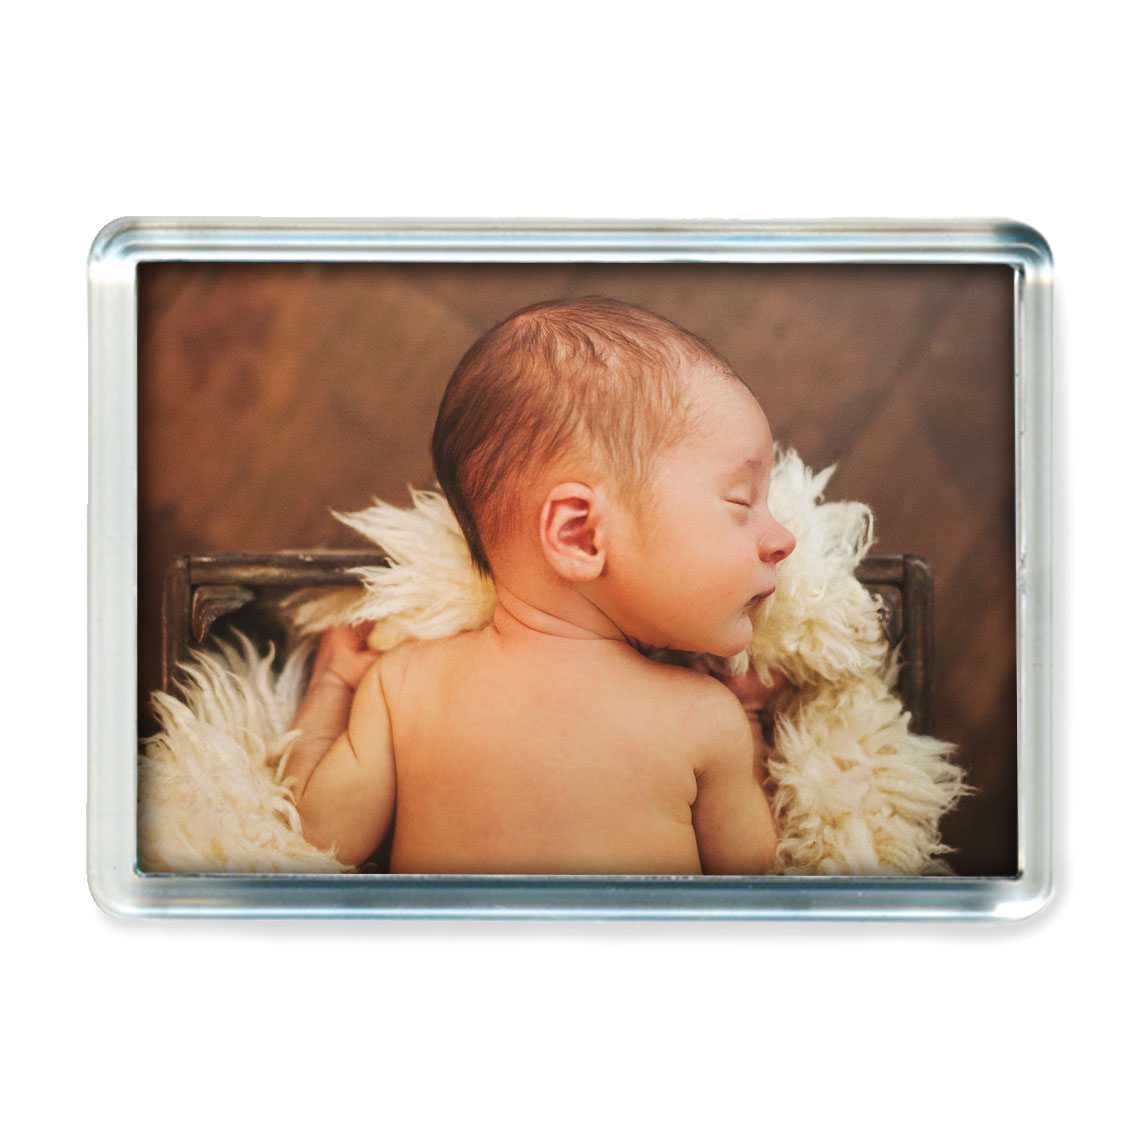 de52917e98a Fridge Magnet Acrylic